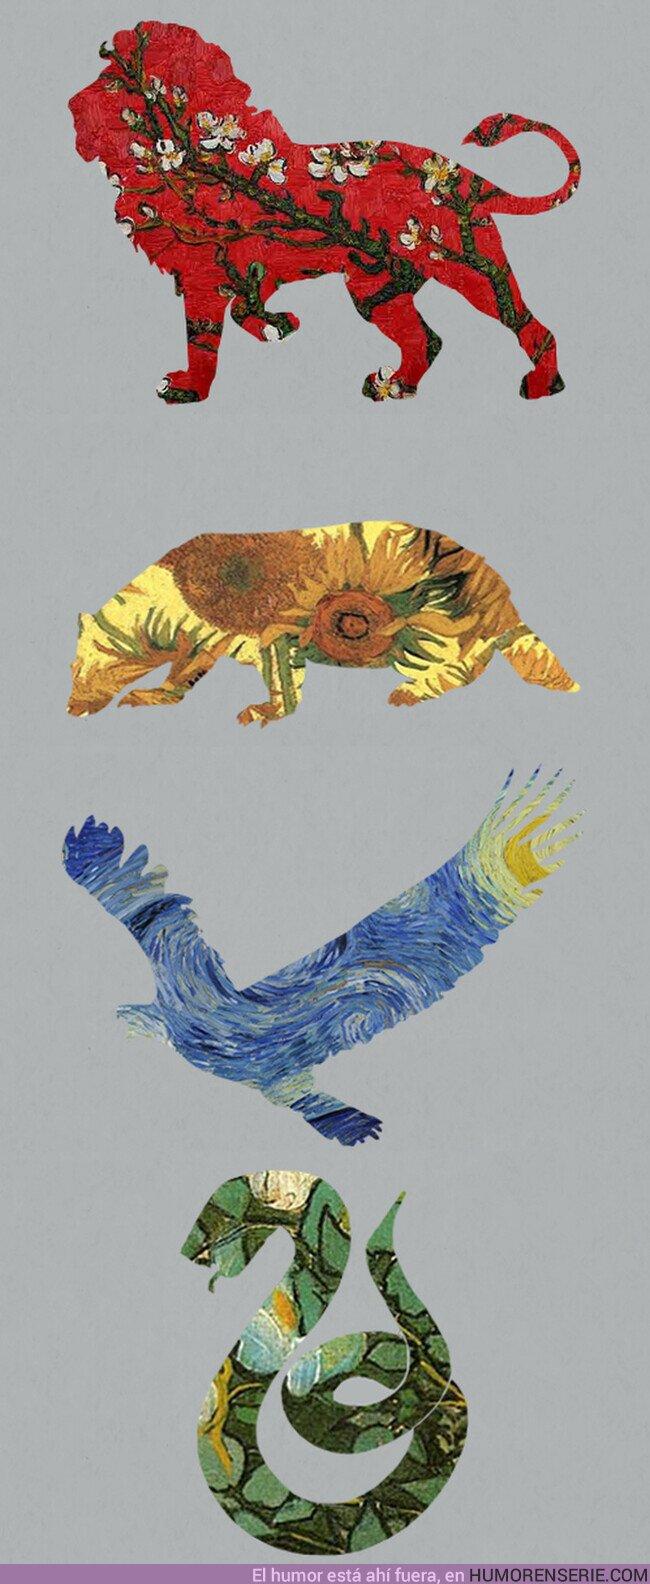 51632 - Alucinante Hogwarts en cuadros de Van Gogh